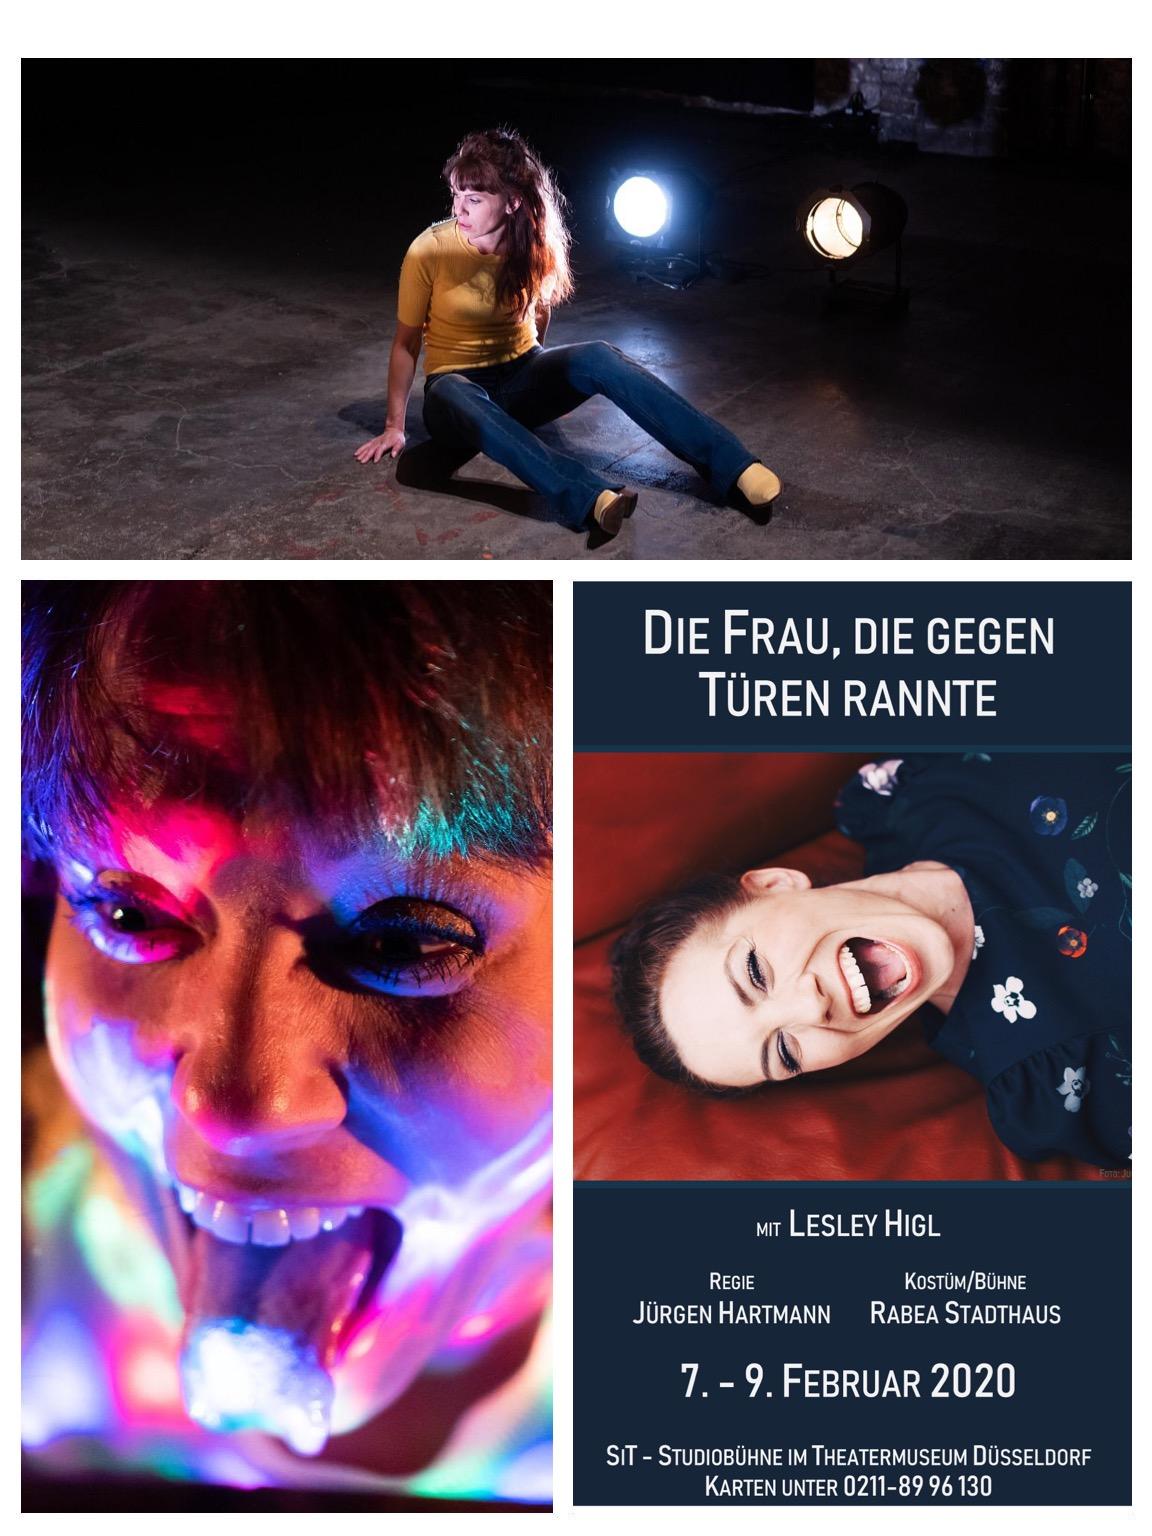 Die Frau, die gegen Türen rannte @ Theatermuseum Düsseldorf